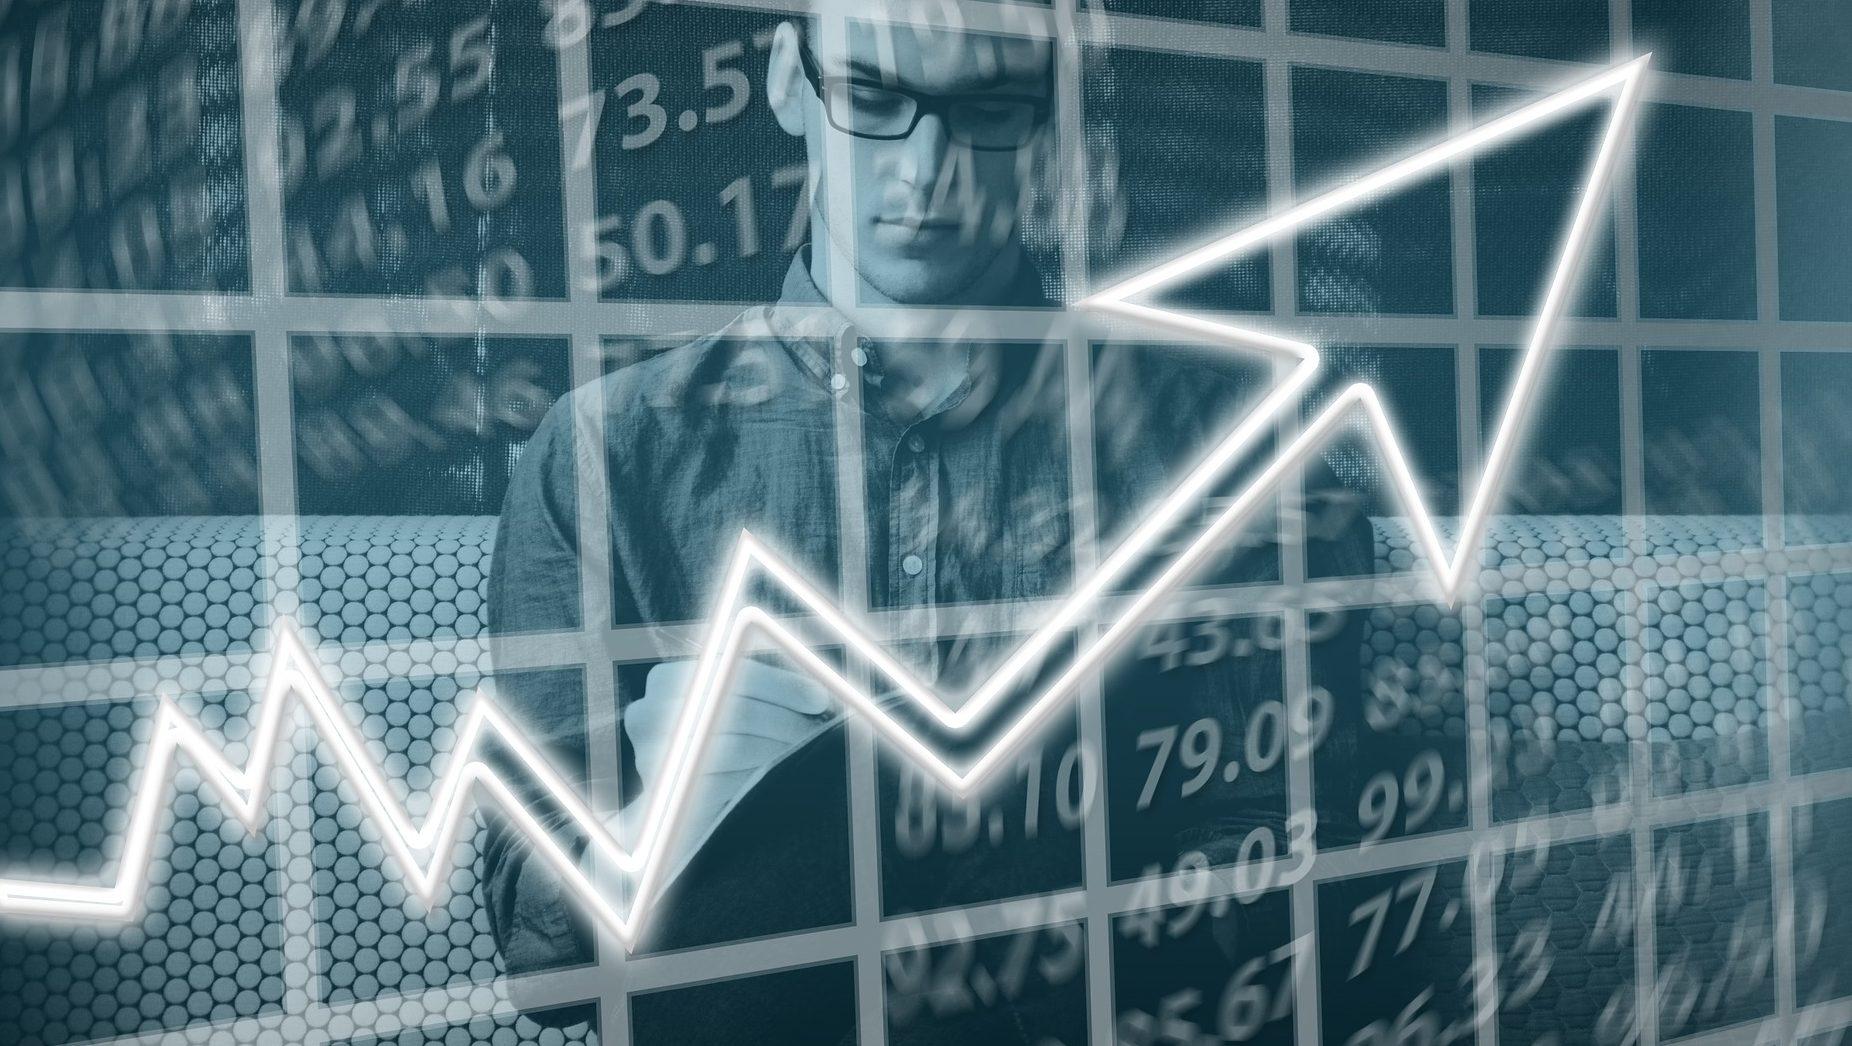 תשואות חיוביות לפנסיה בנובמבר: הקרנות של מנורה מבטחים מובילות עם תשואה של עד 1.1%